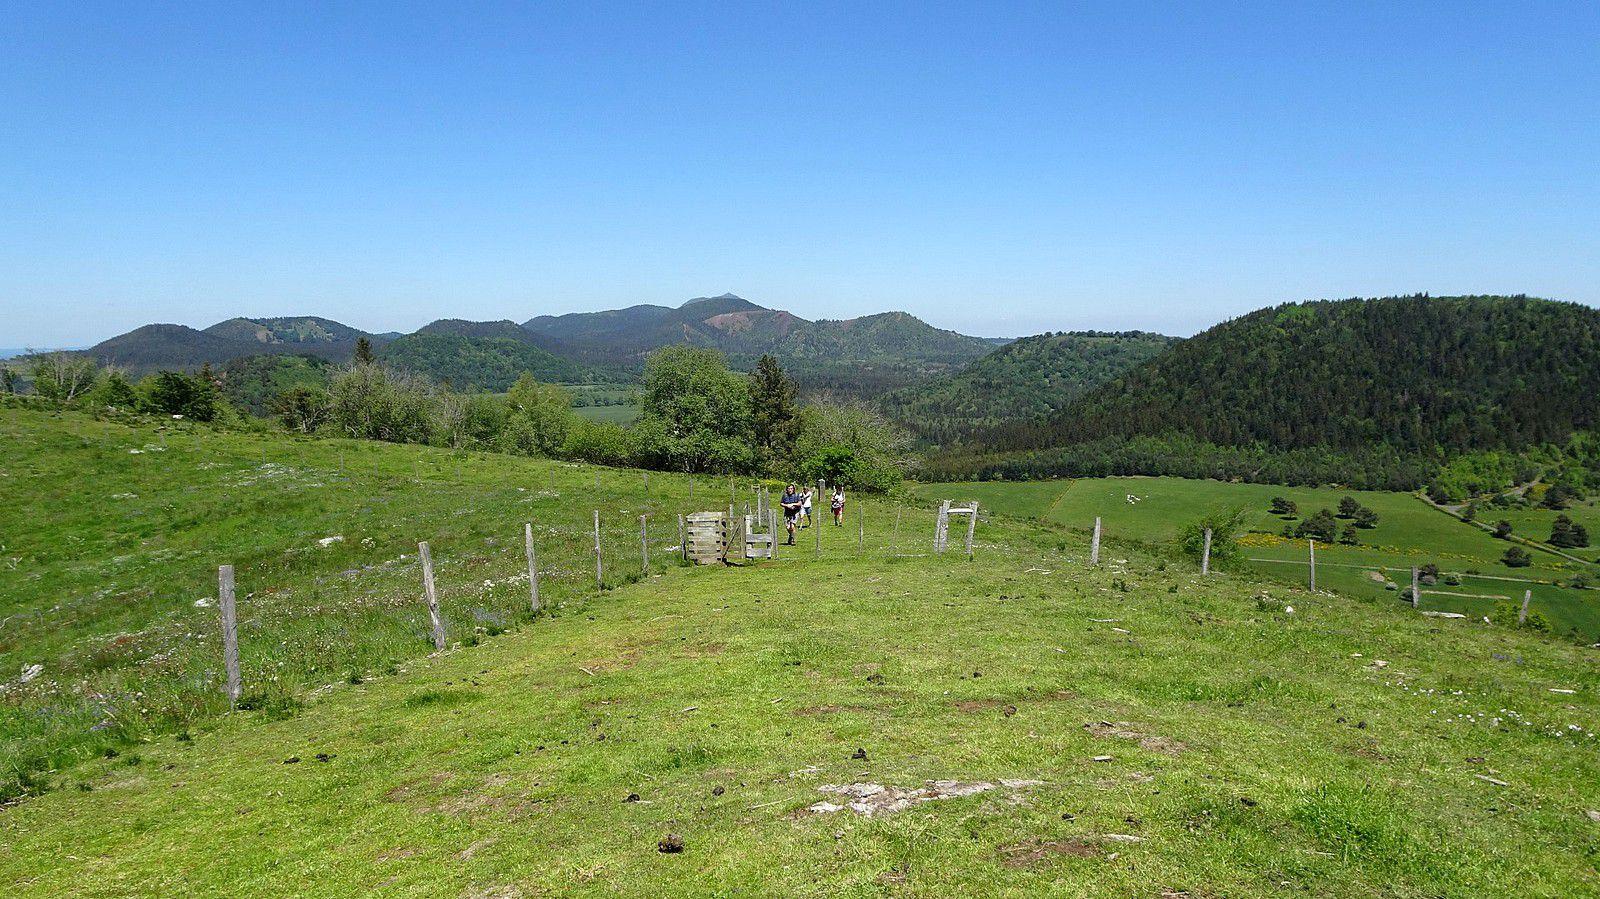 On admire les paysages d'Auvergne.